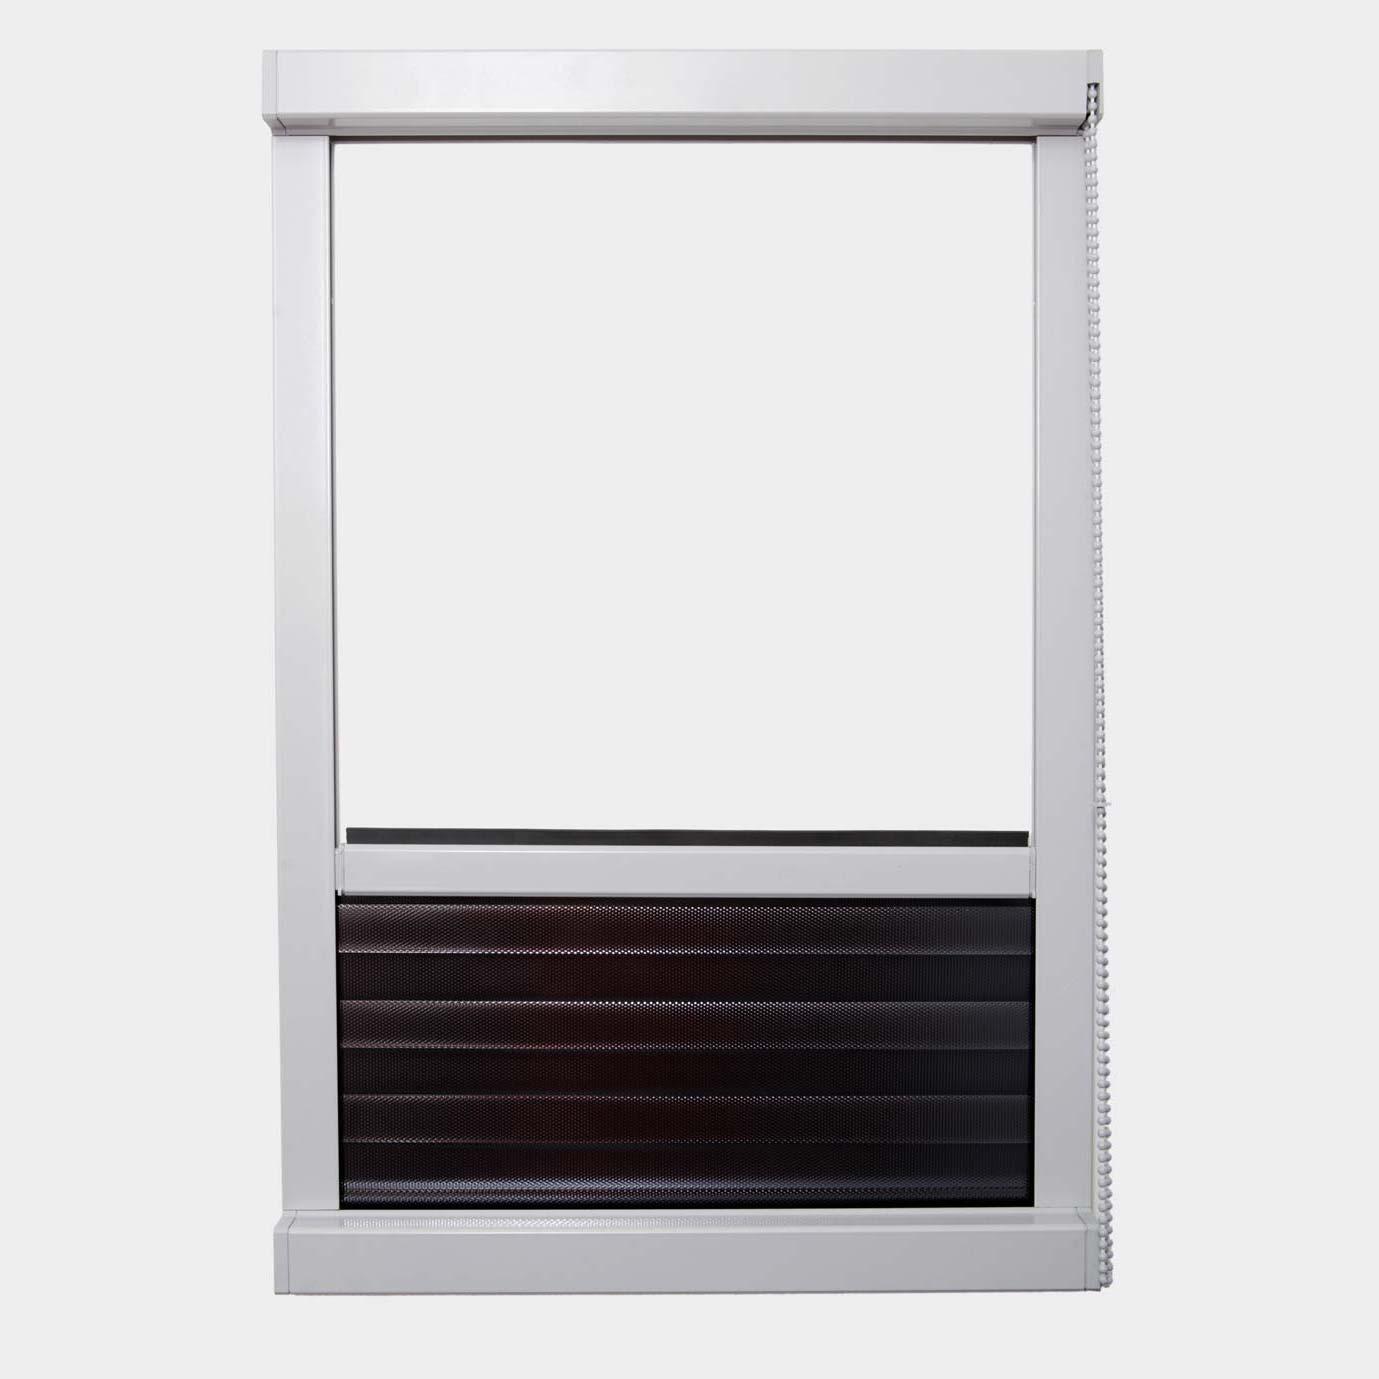 Fenster Sichtschutz Innen Fenster Ikea Luxus Fenster Sichtschutz Innen Kleines Moderne